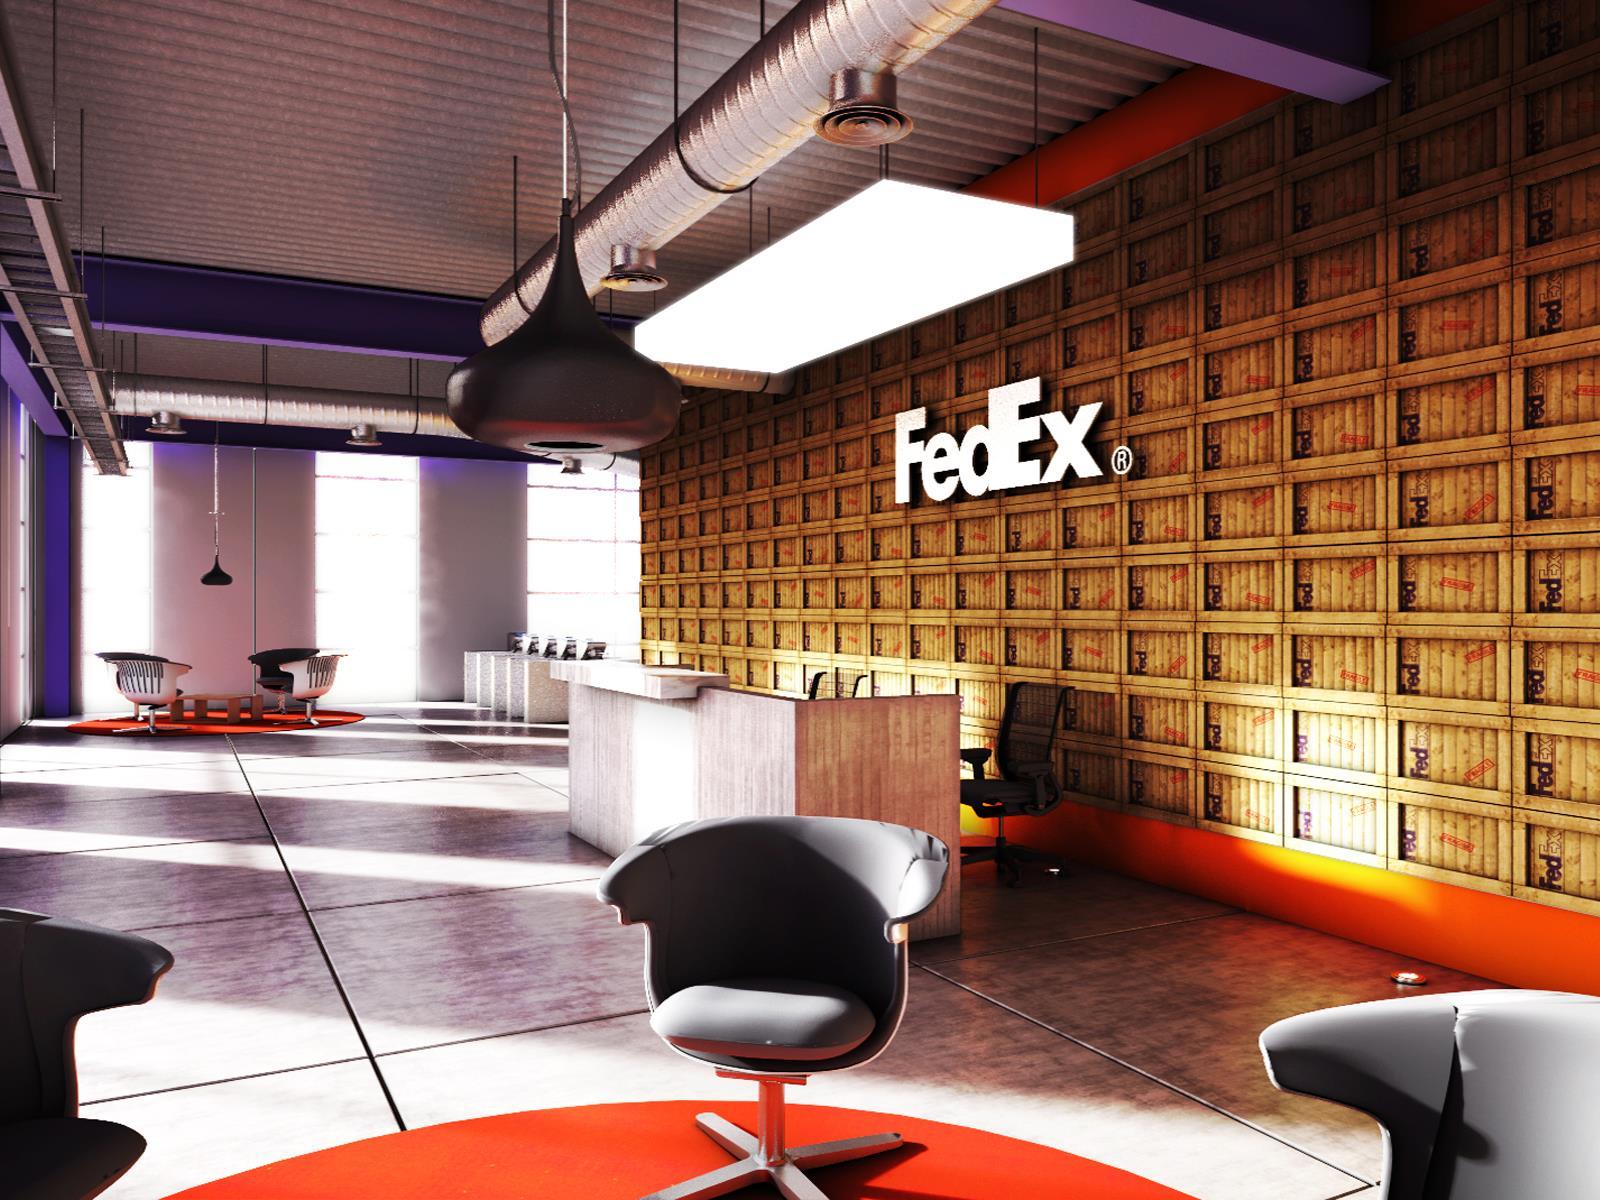 Fedex construye nuevo centro de distribuci n nacional for Oficina fedex madrid